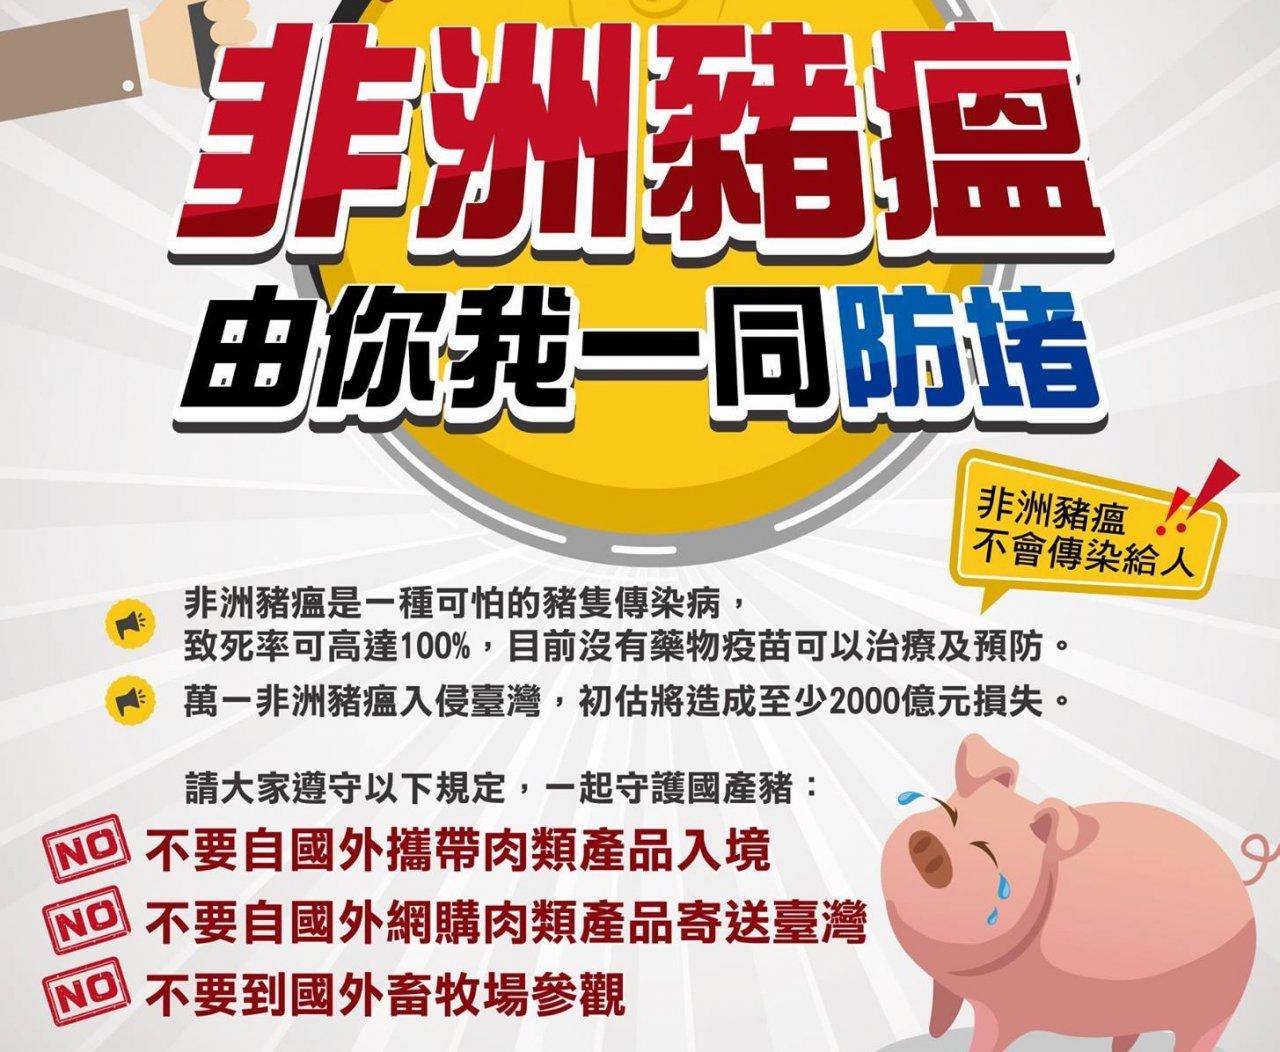 非洲豬瘟防疫 教部印海報向各校宣導